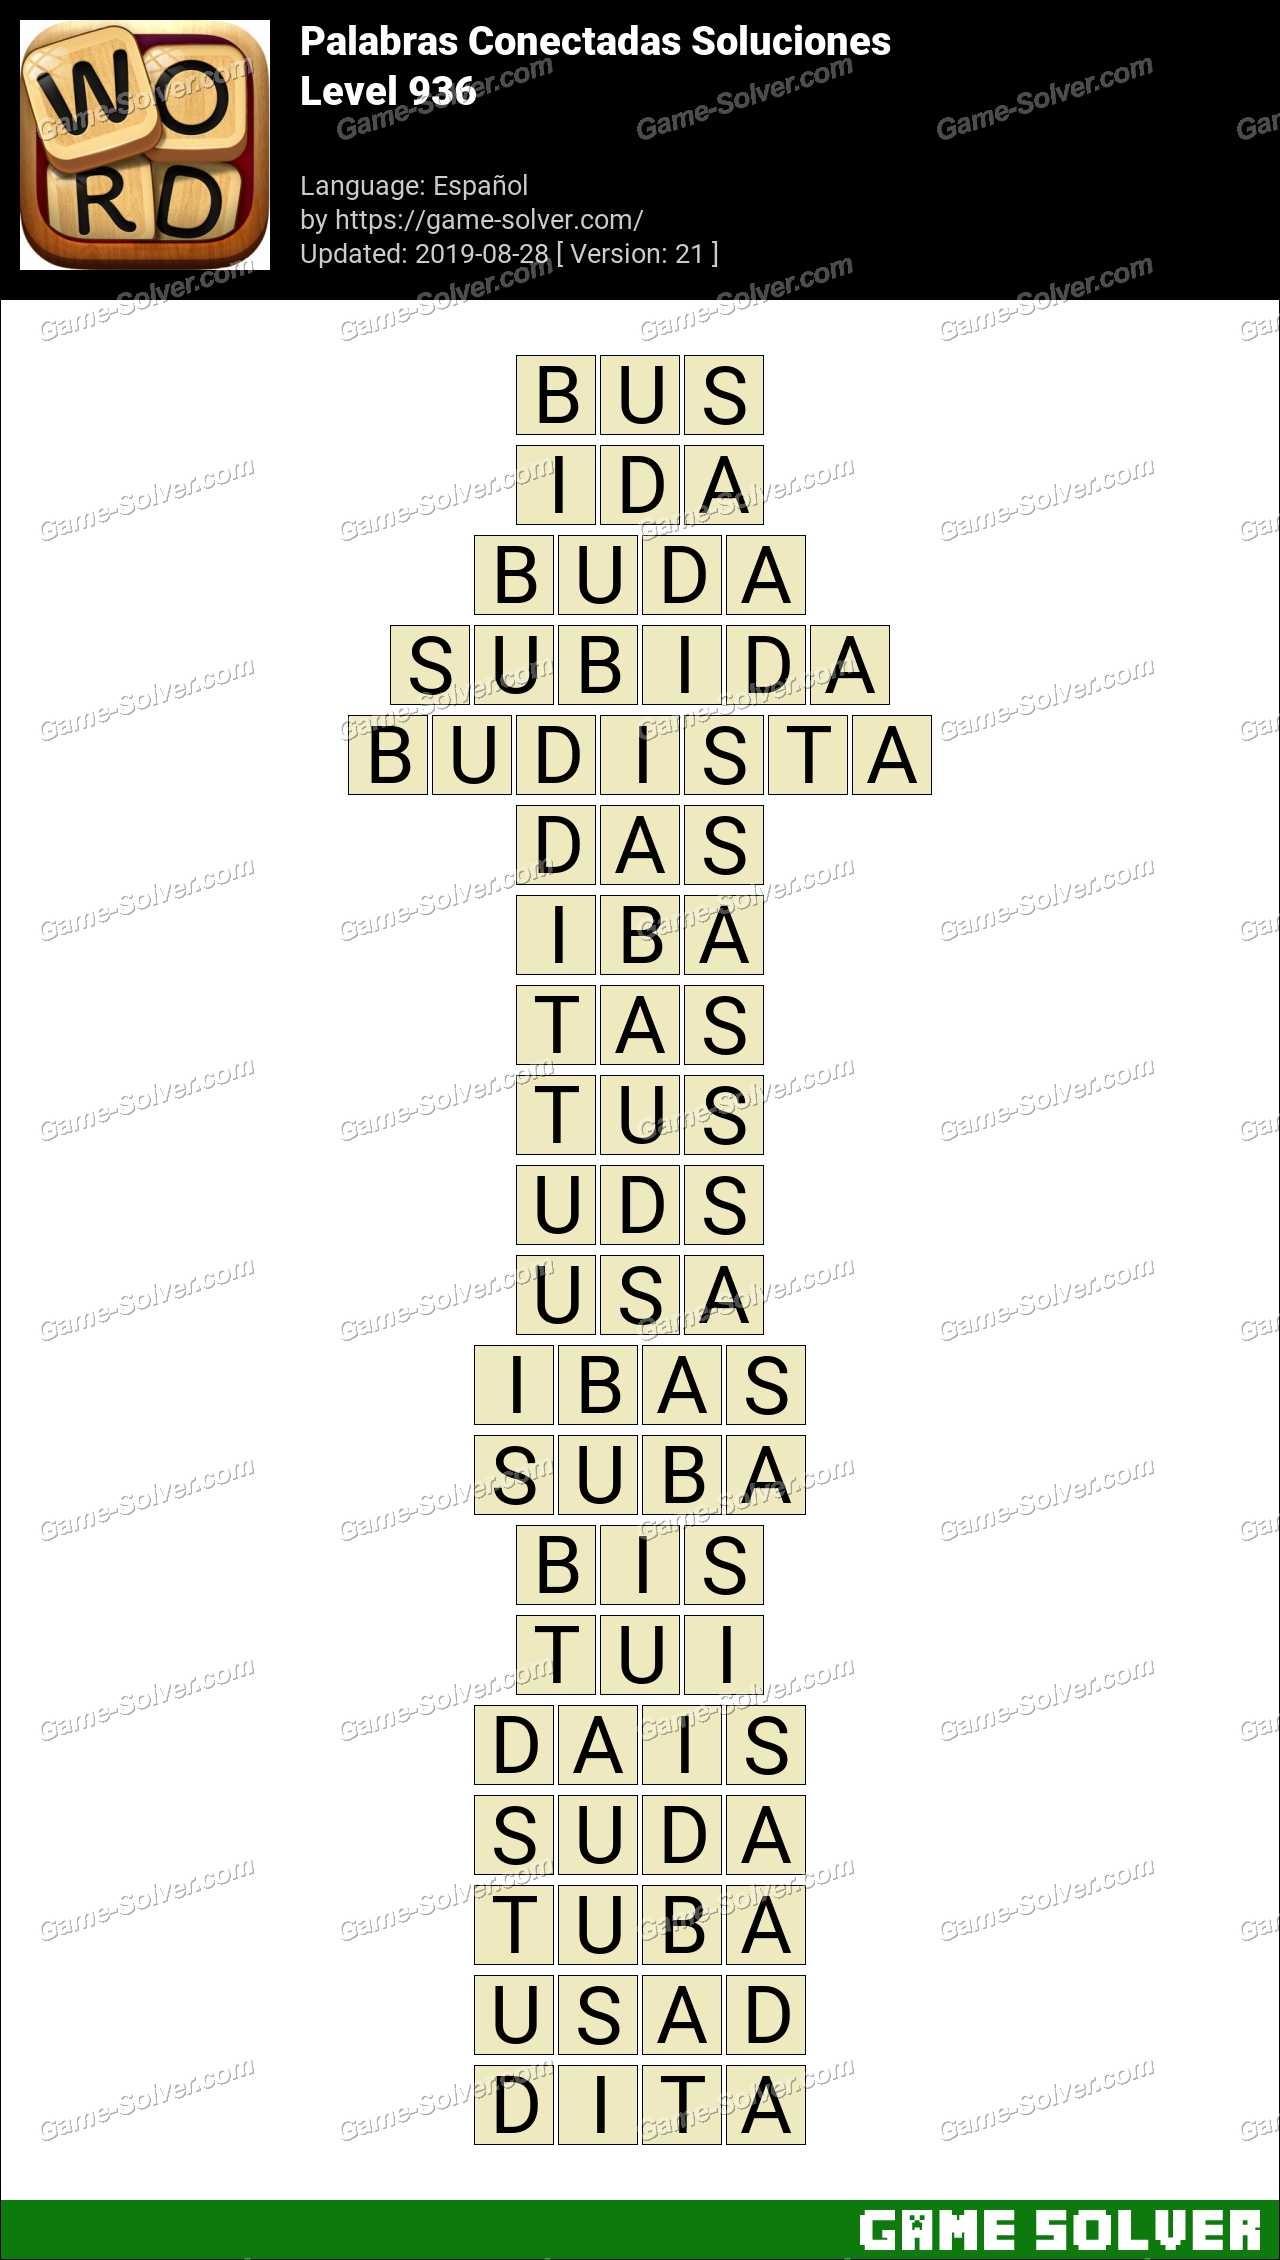 Palabras Conectadas Nivel 936 Soluciones